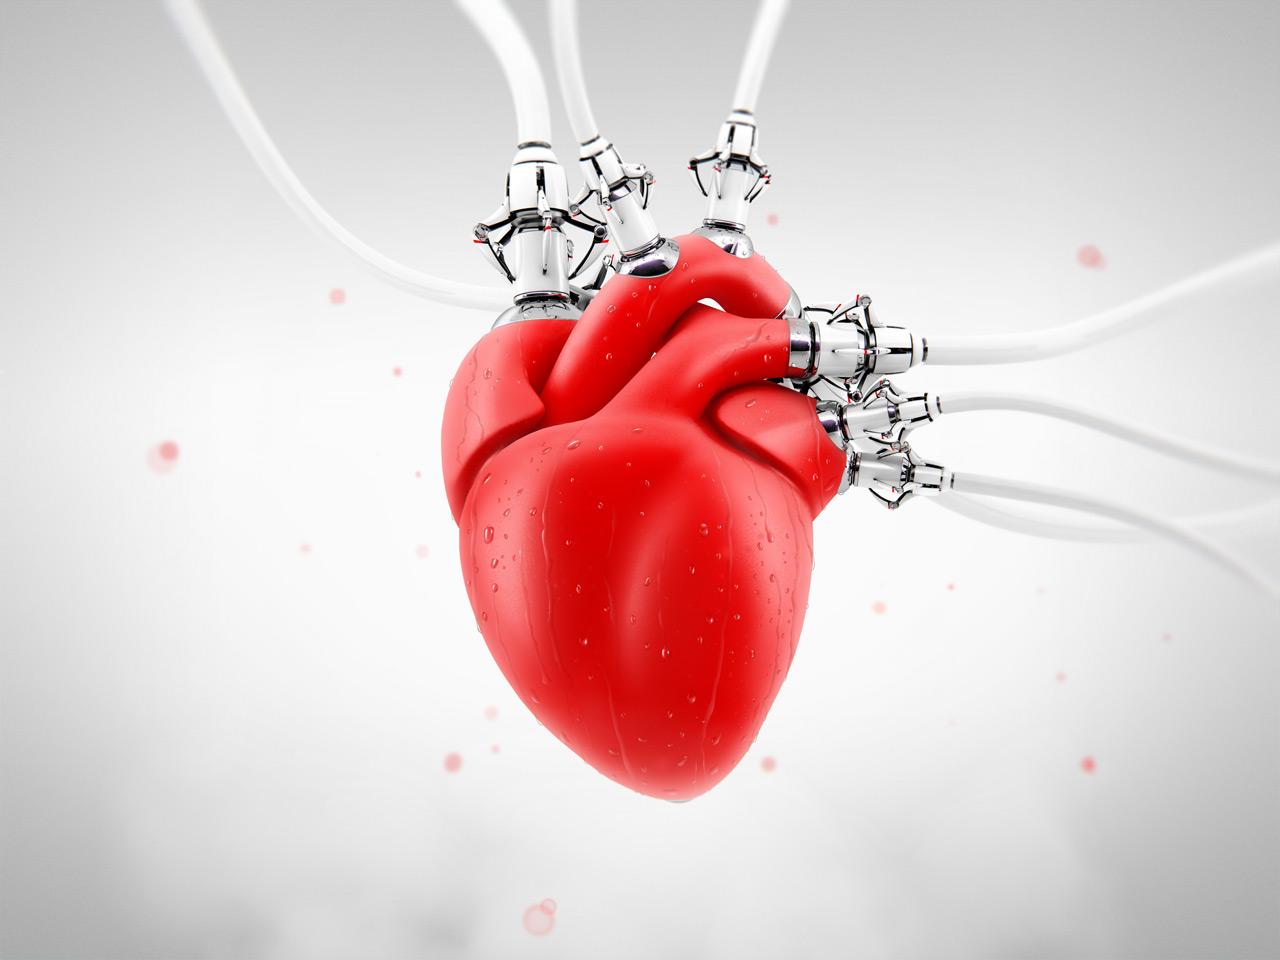 Afm heart by jamajurabaev